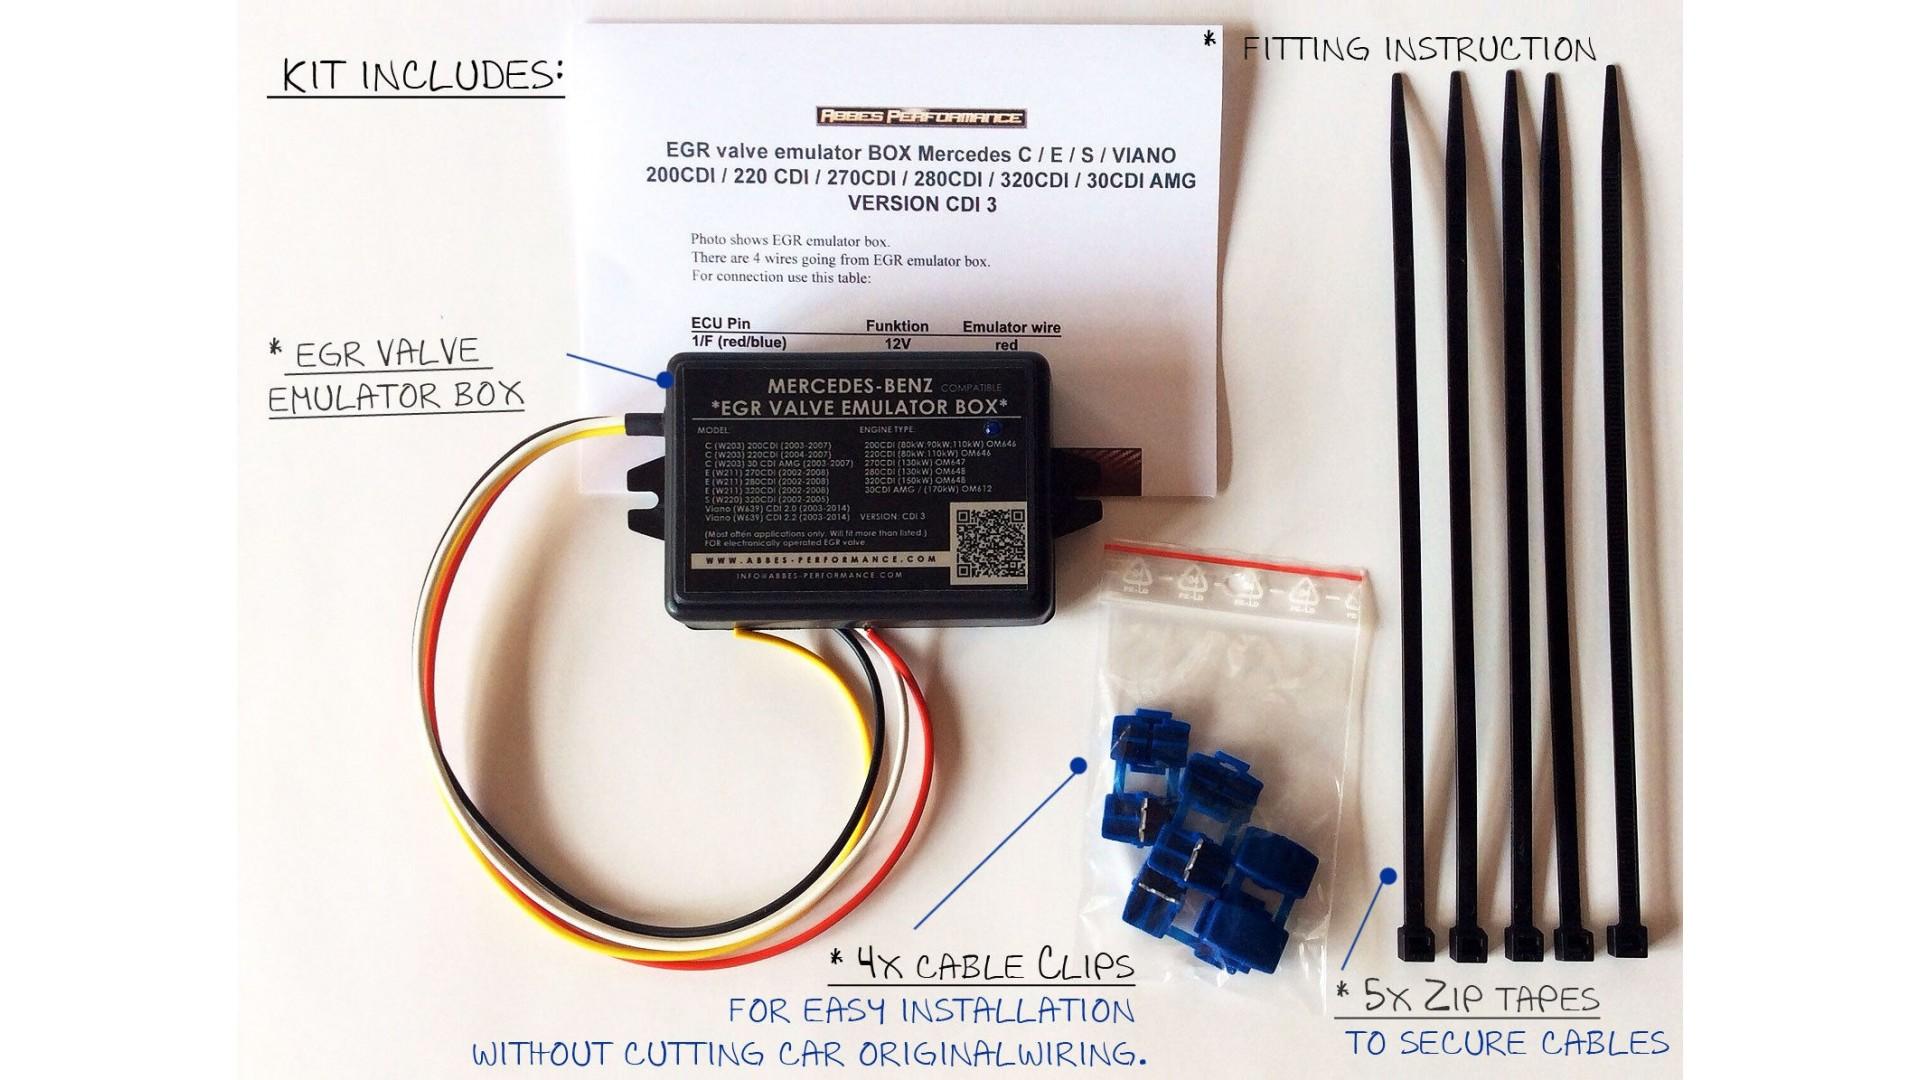 EGR valve emulator BOX Mercedes C / E / S / ML / 220 CDI